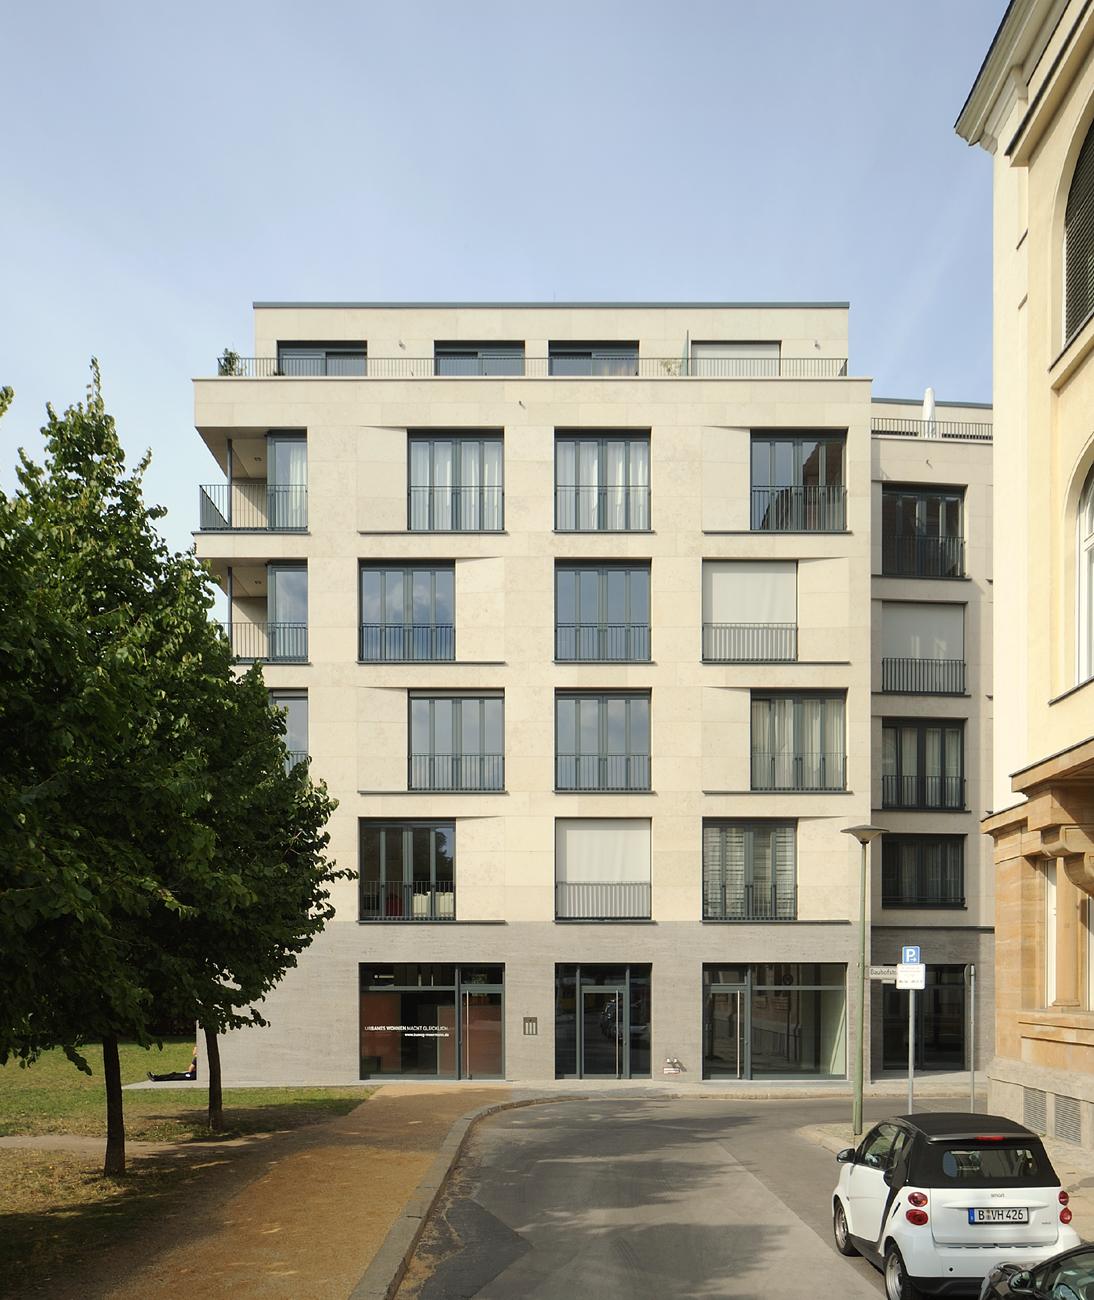 humboldtpalais am hegelplatz berlin mitte kampmann architekten gmbh. Black Bedroom Furniture Sets. Home Design Ideas